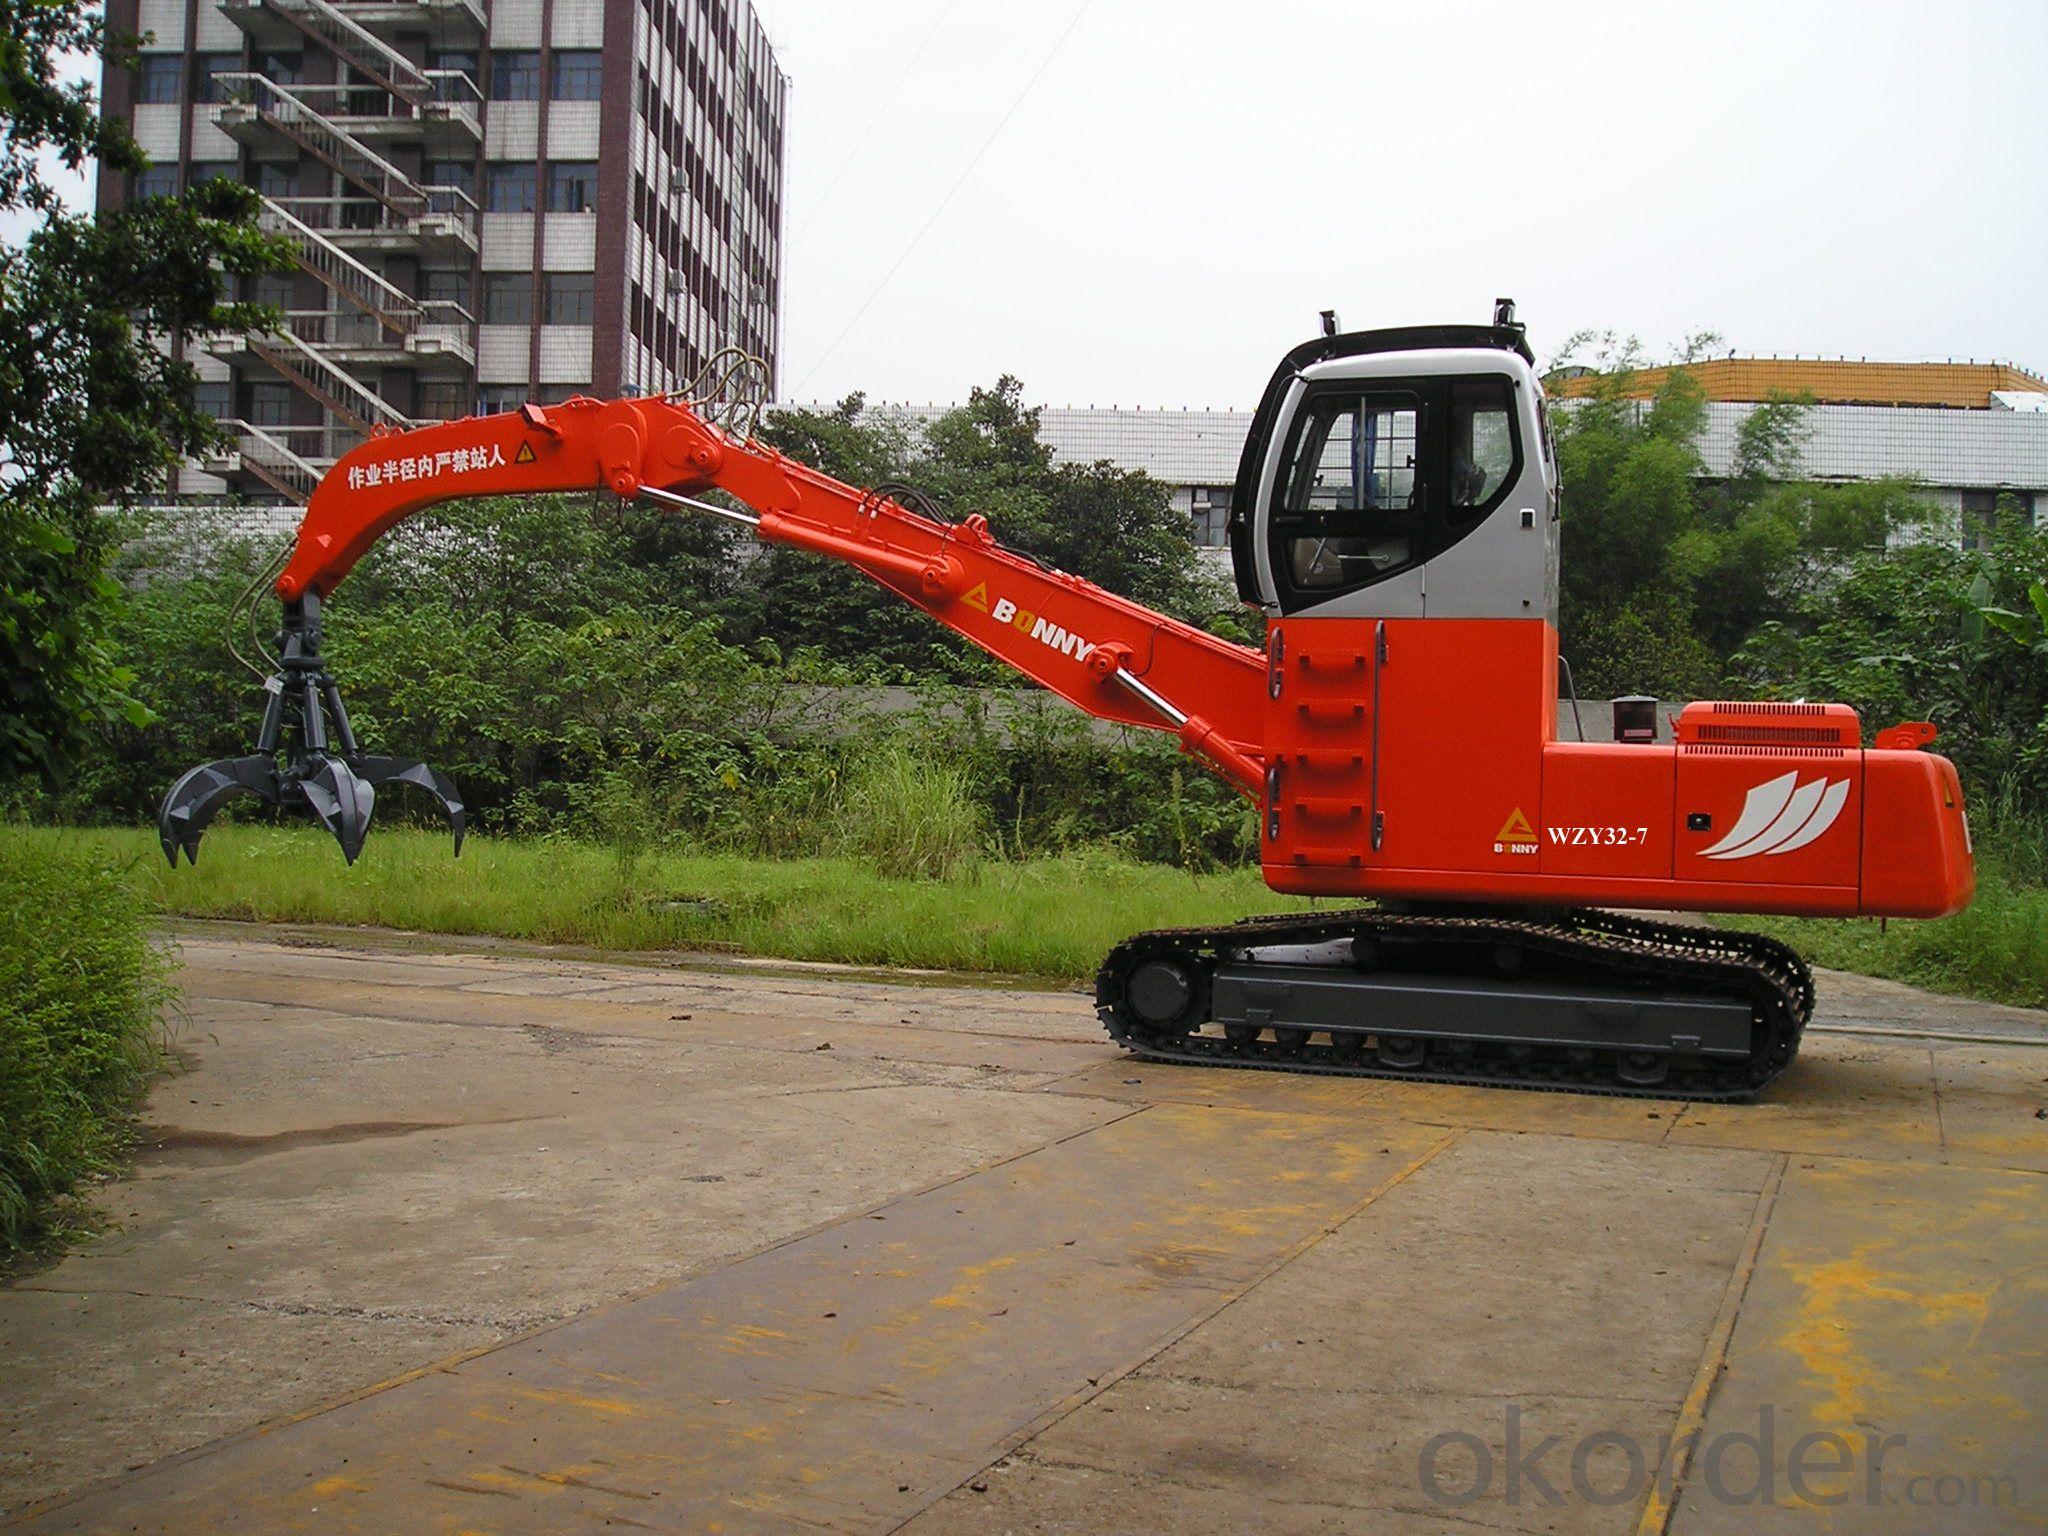 Hydraulic Material handler WZY32-7